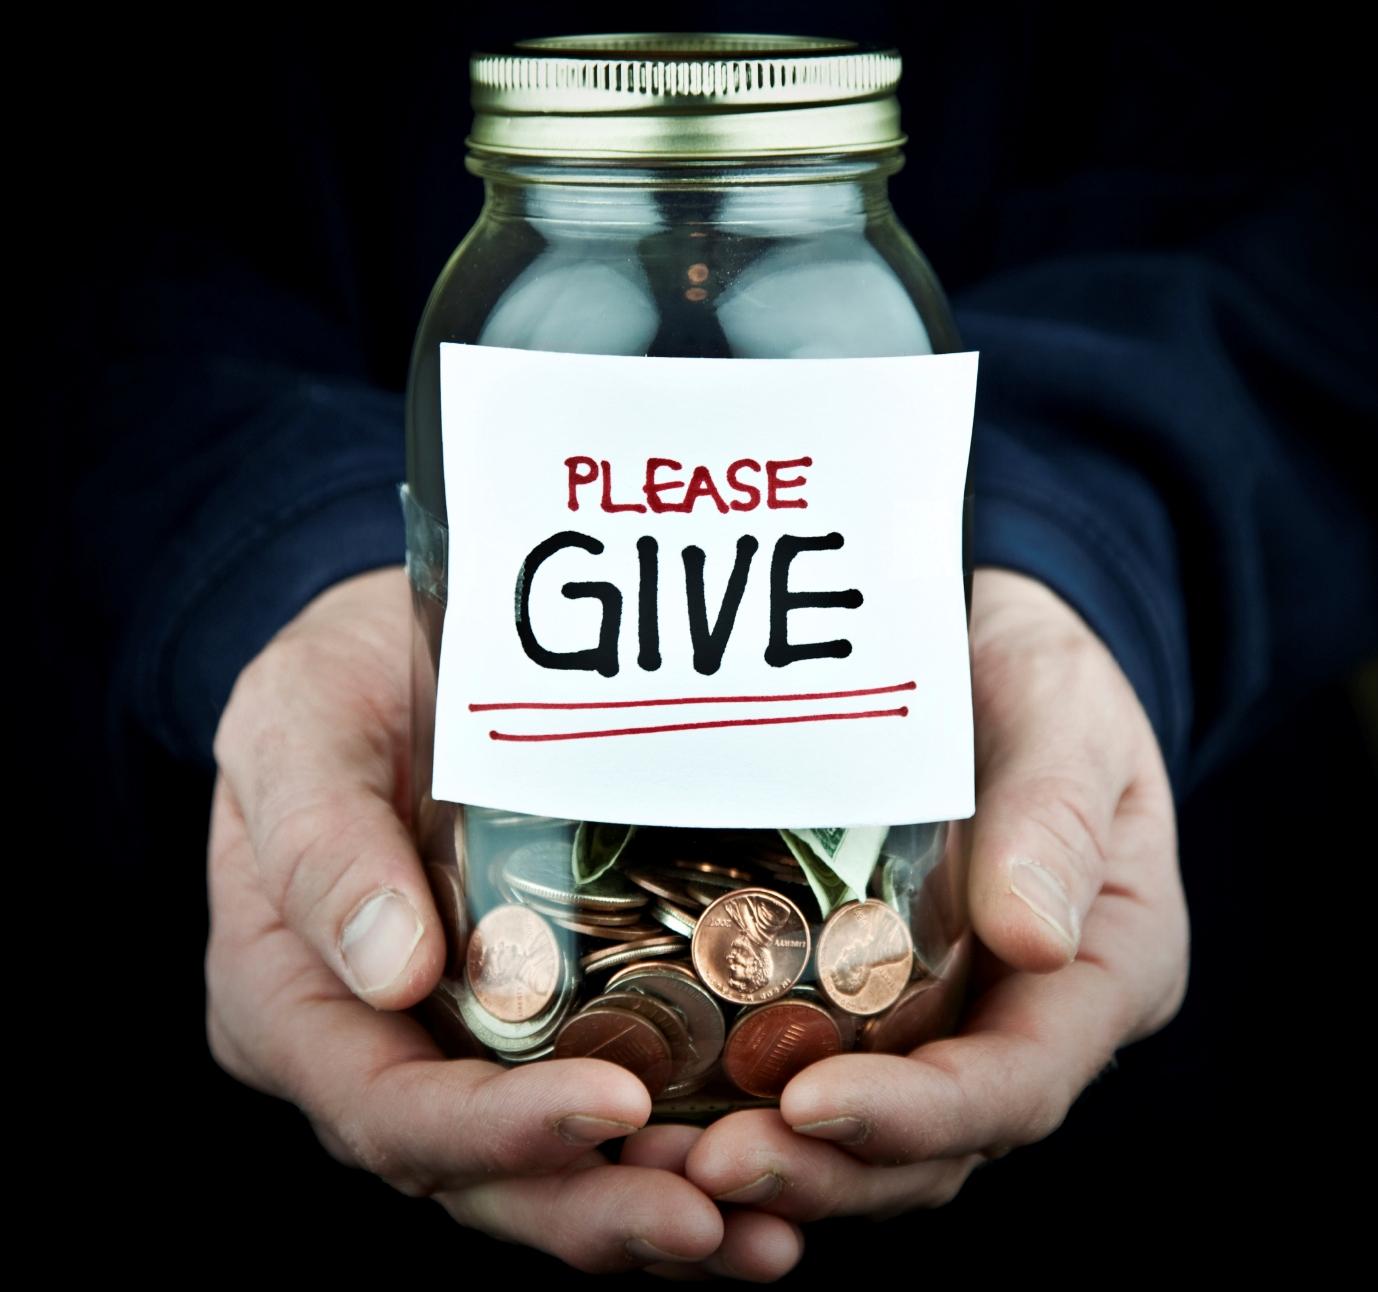 member to member donations